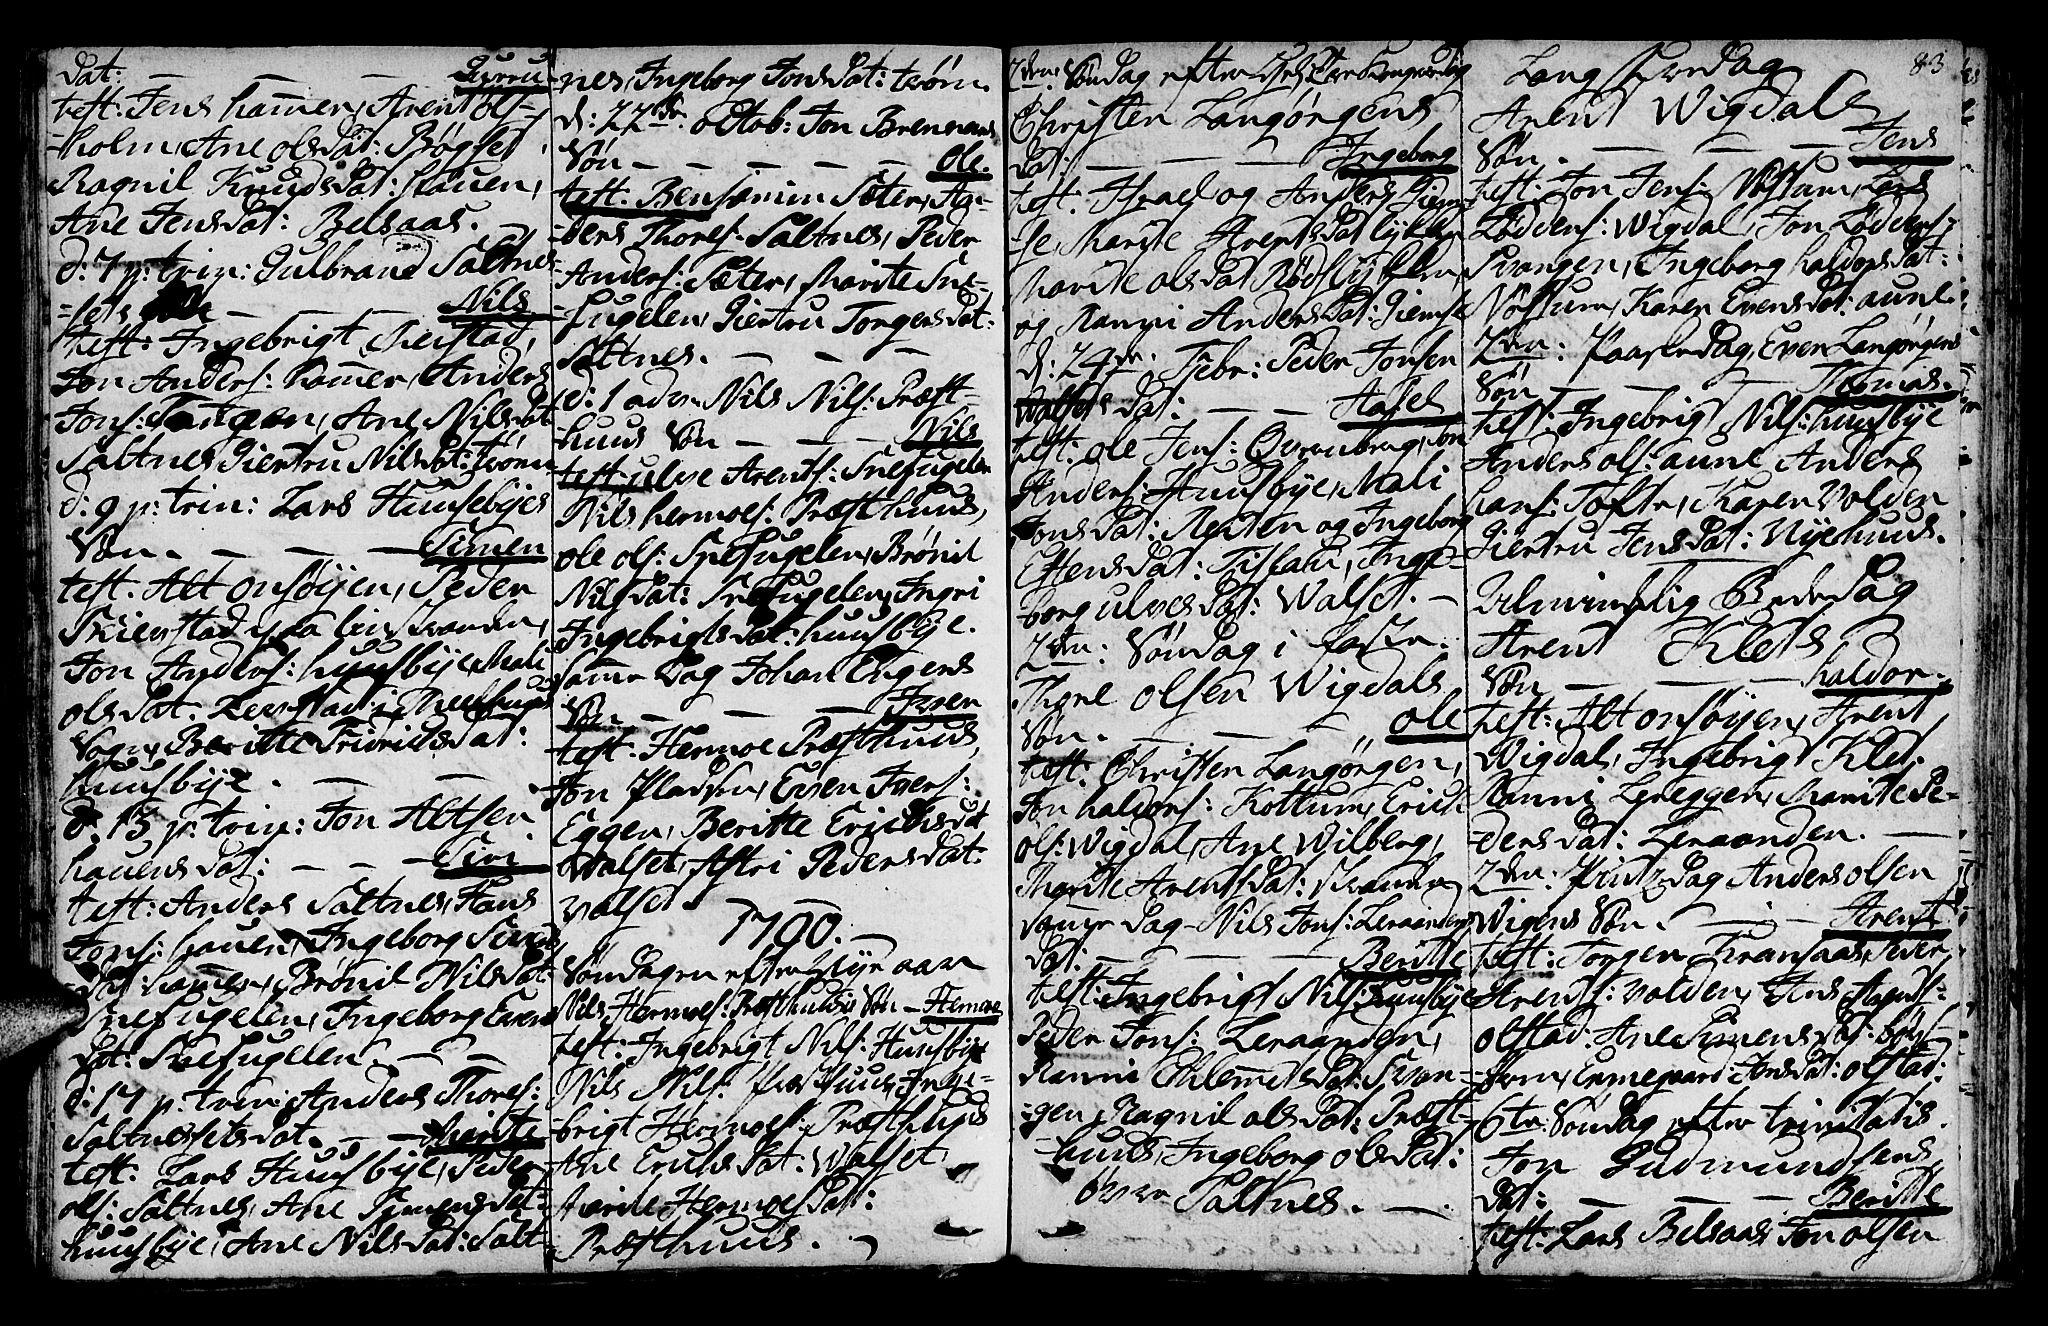 SAT, Ministerialprotokoller, klokkerbøker og fødselsregistre - Sør-Trøndelag, 666/L0784: Ministerialbok nr. 666A02, 1754-1802, s. 83